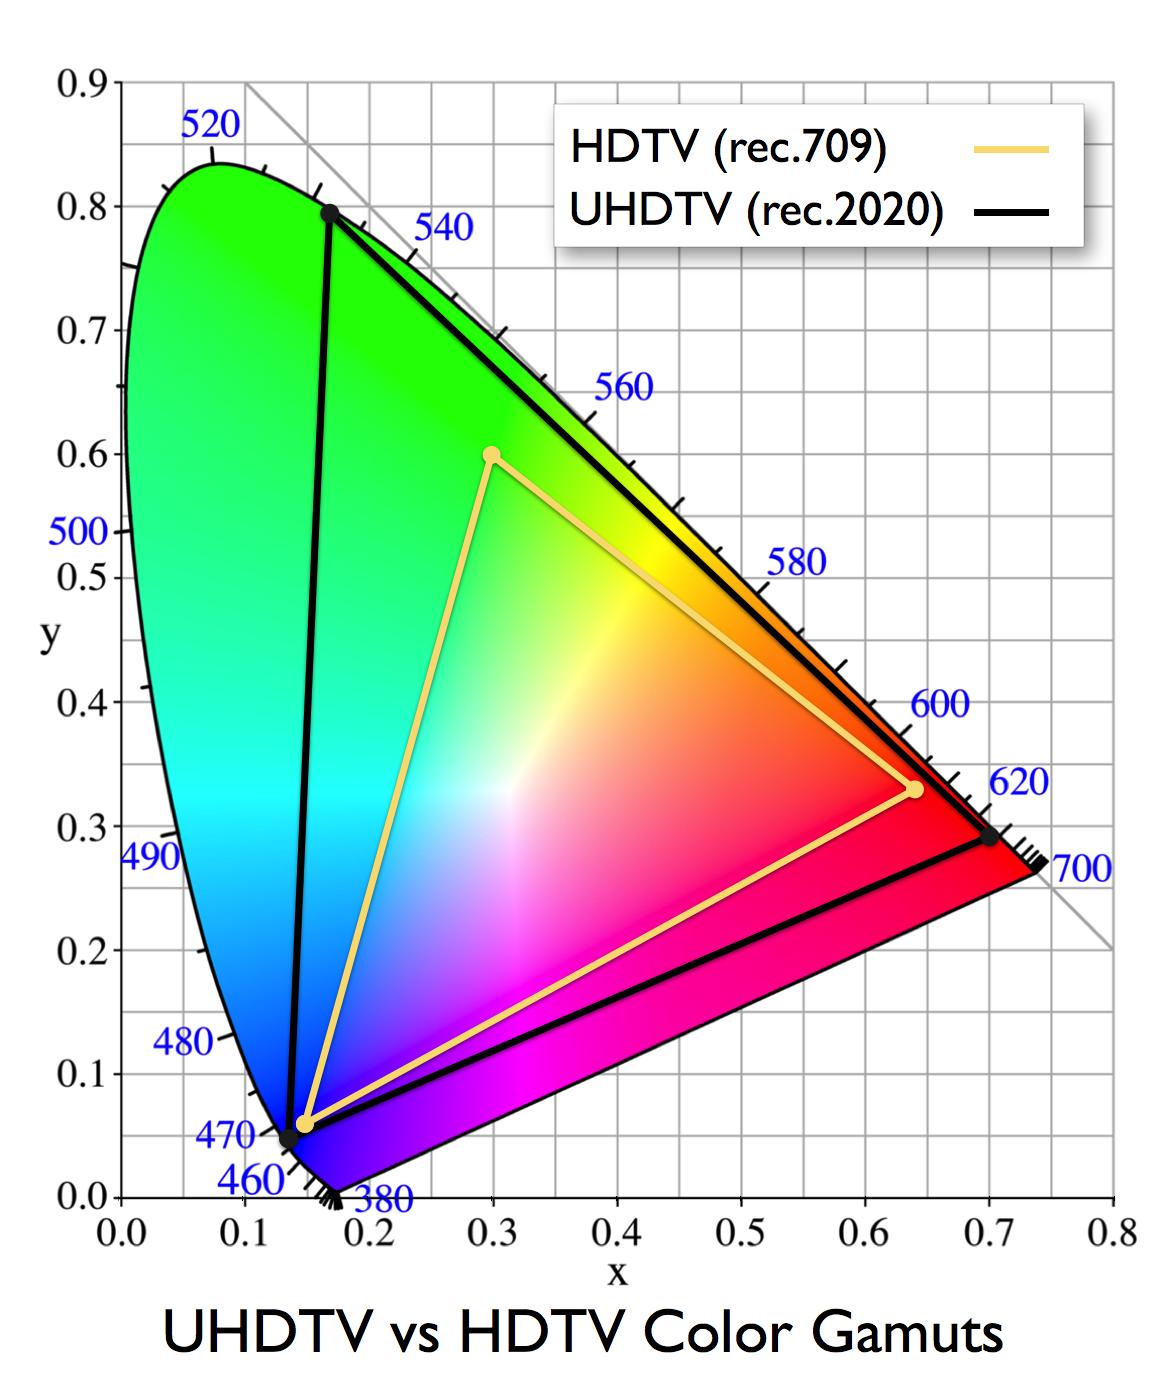 IMAGE(http://dotcolordotcom.files.wordpress.com/2012/12/rec2020-vs-rec709-001.png)